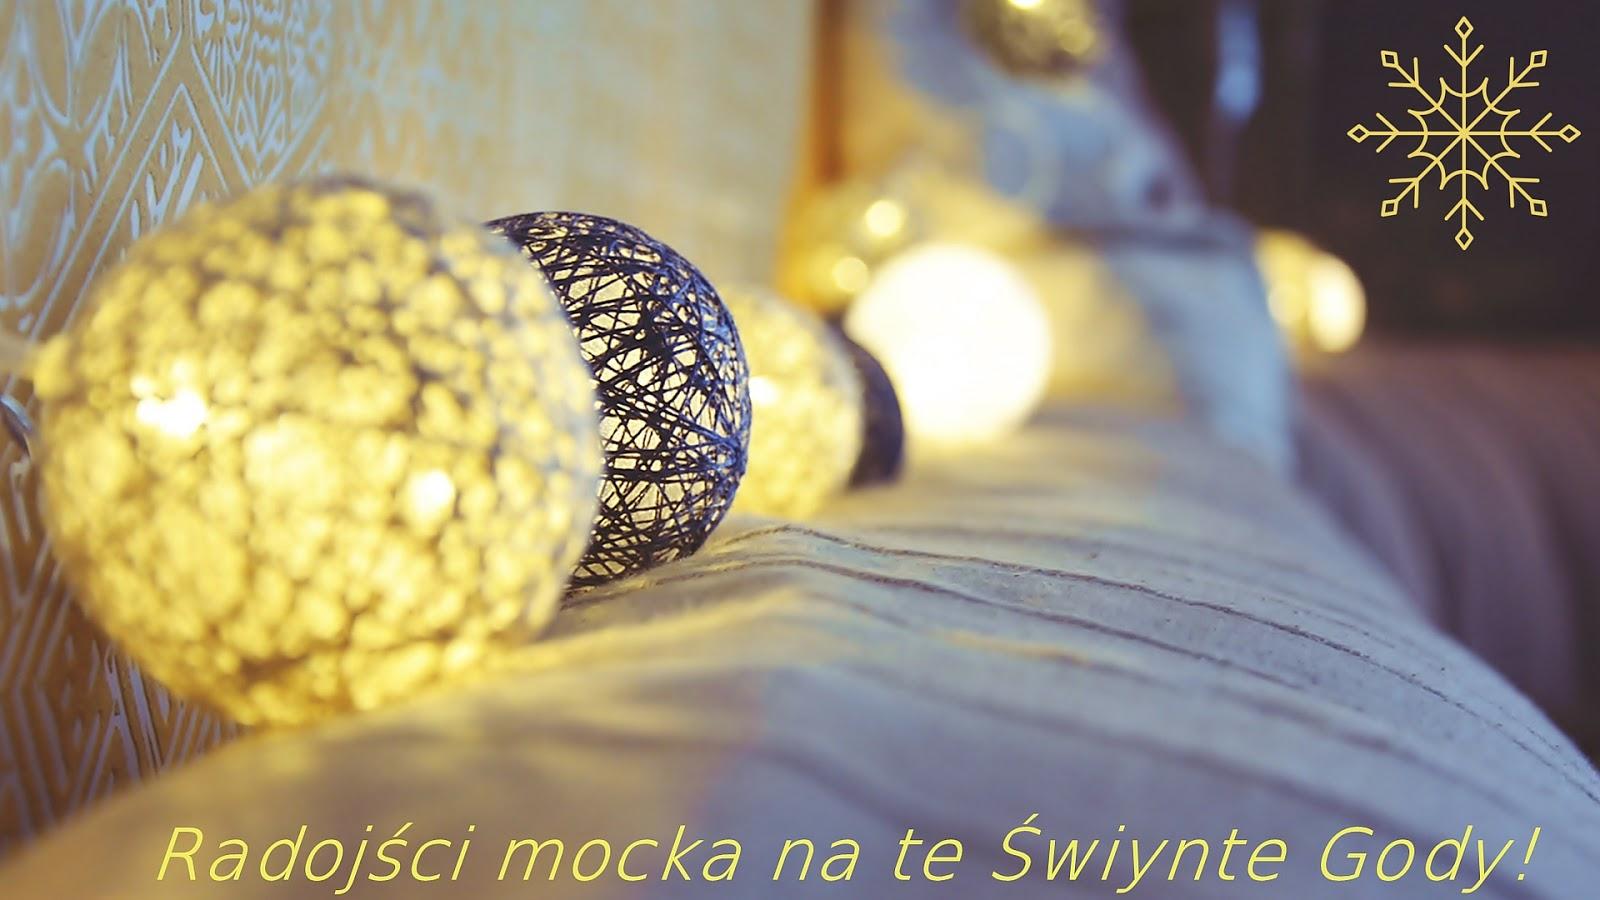 Święta Bożego Narodzenia na Śląsku, Gody